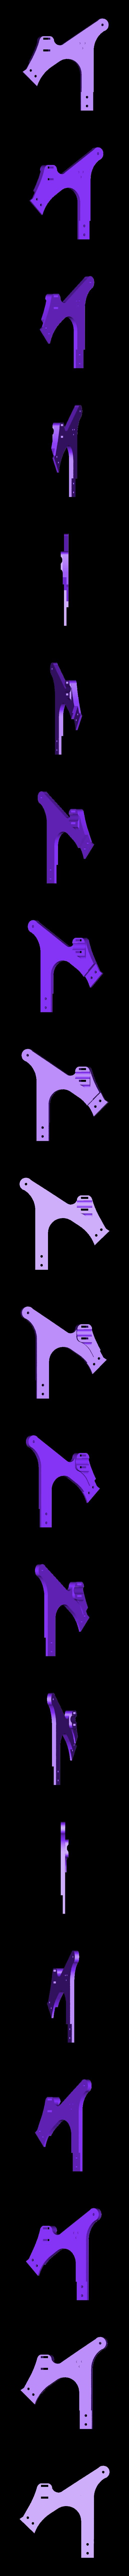 3.stl Télécharger fichier STL gratuit Lit d'impression Prusa I3 XL • Plan pour impression 3D, indigo4